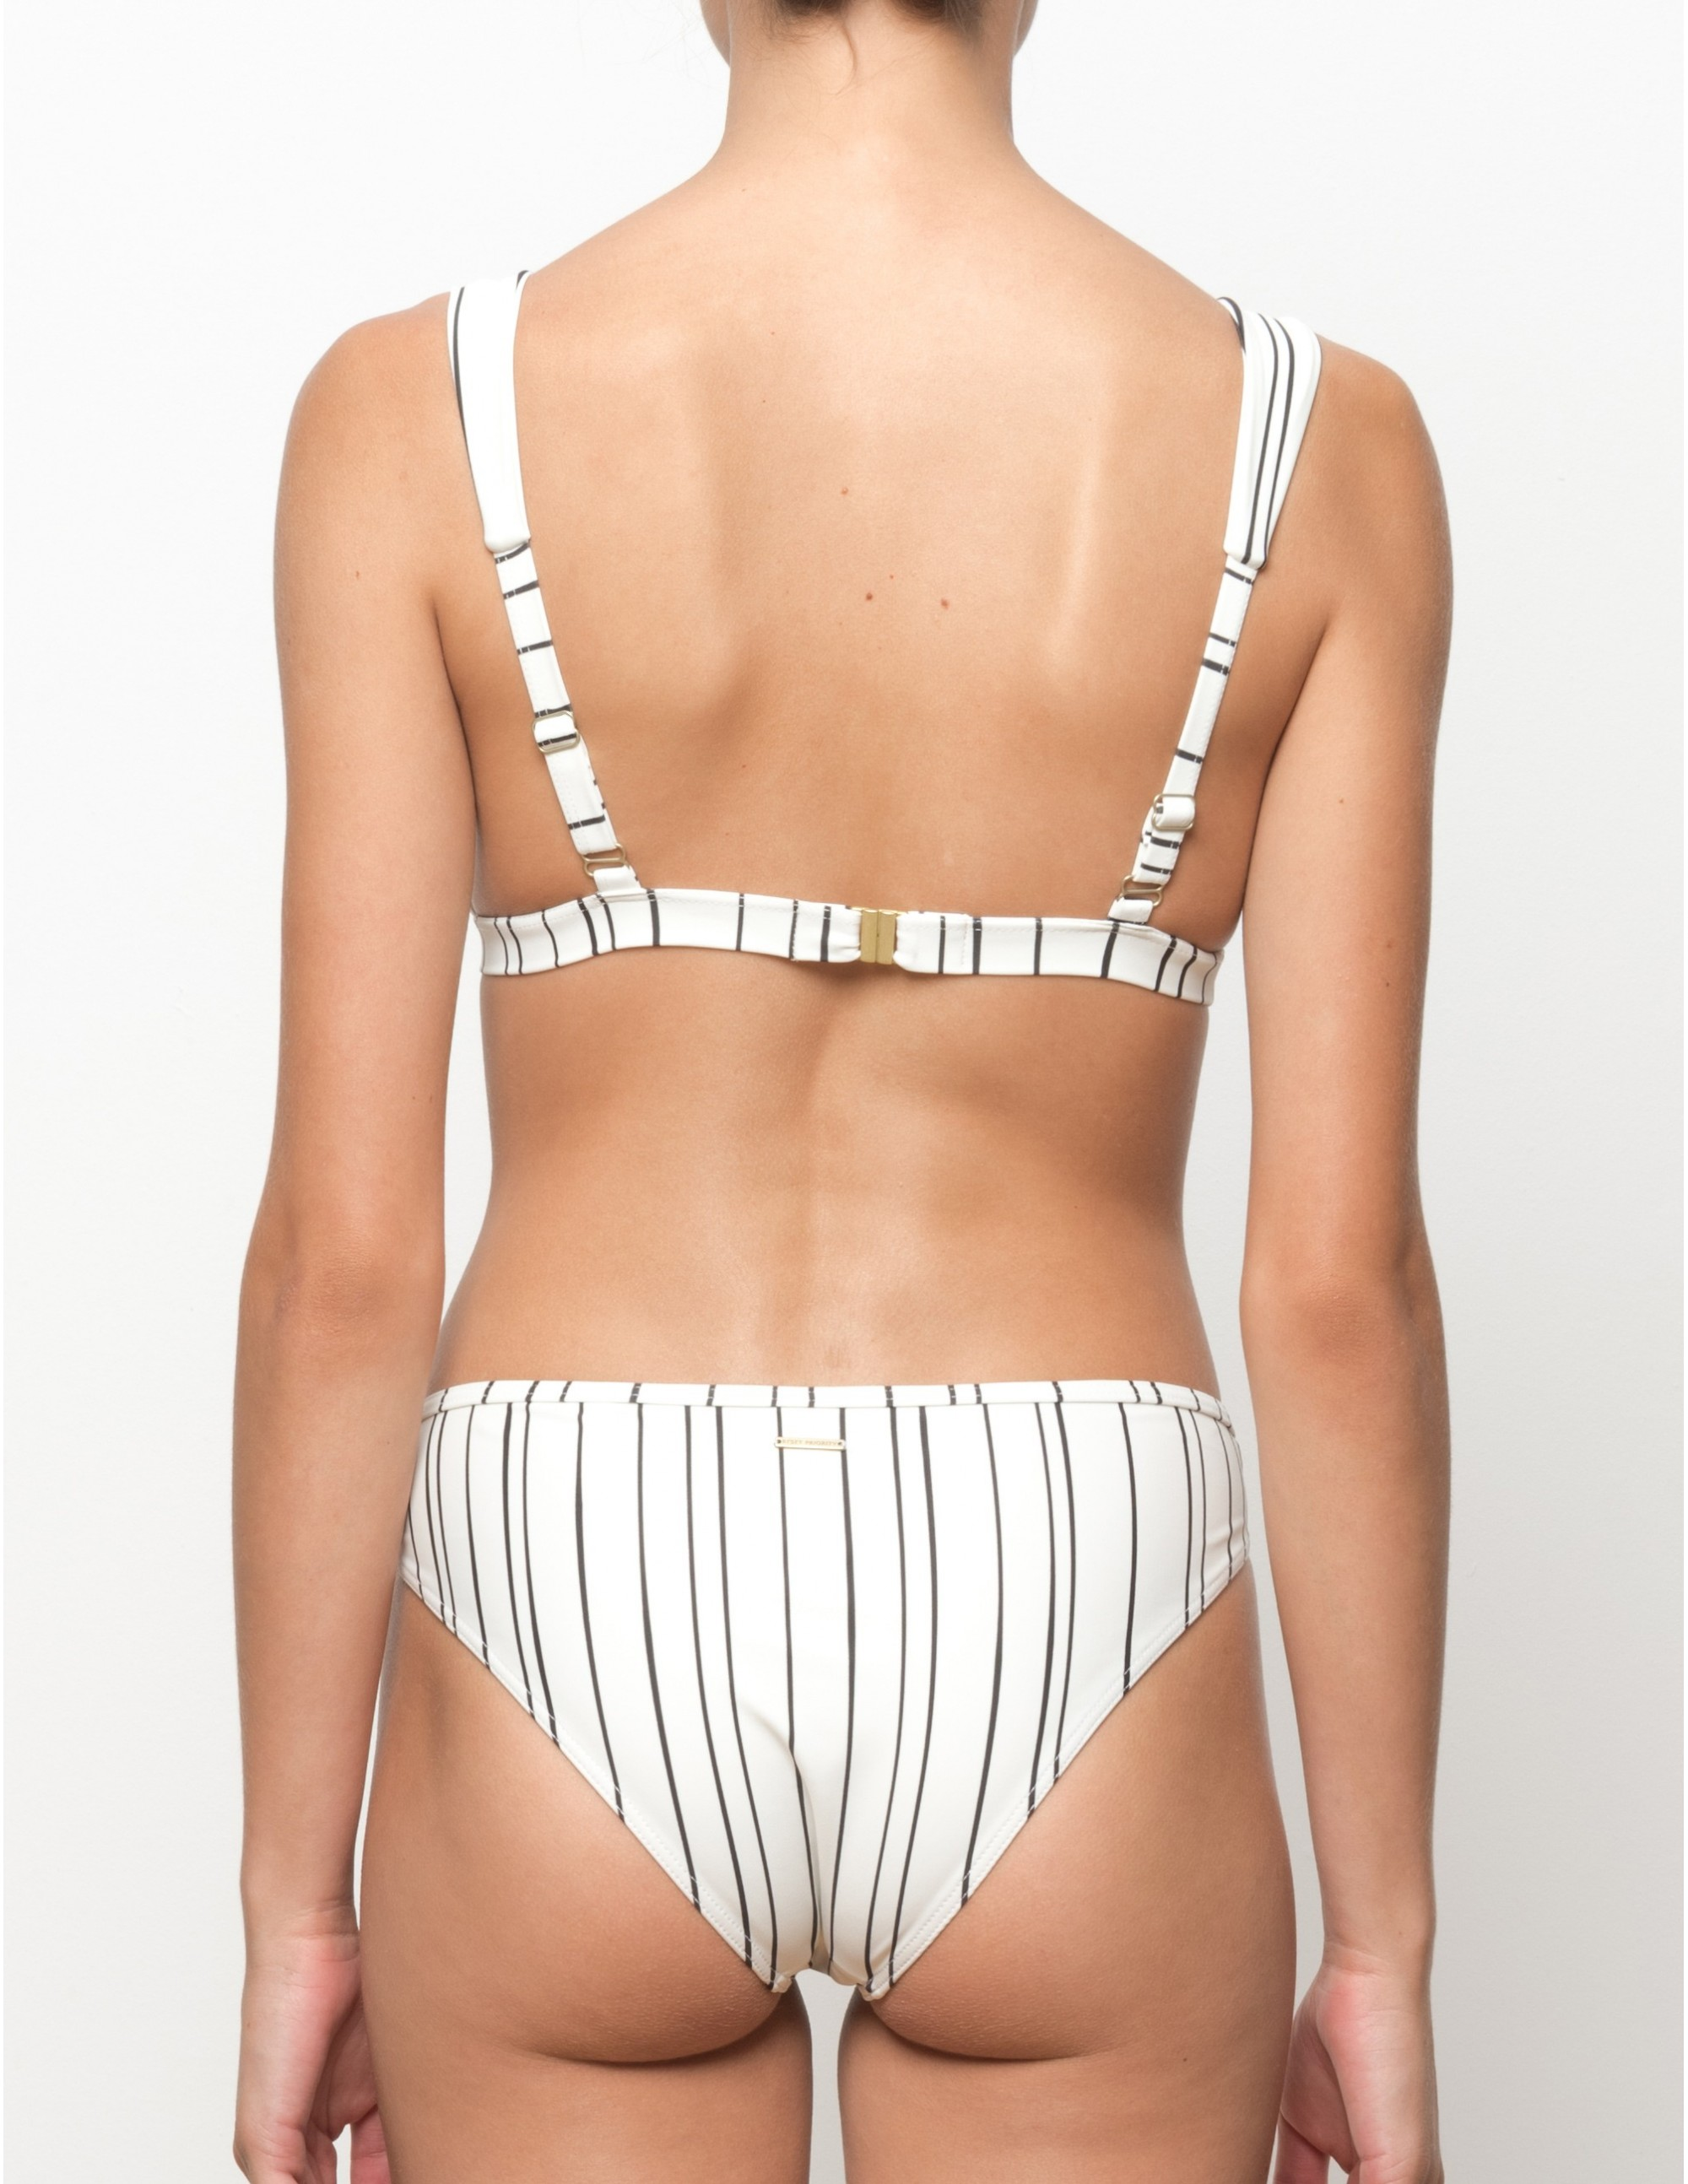 BAWE bikini top - LIMITLESS